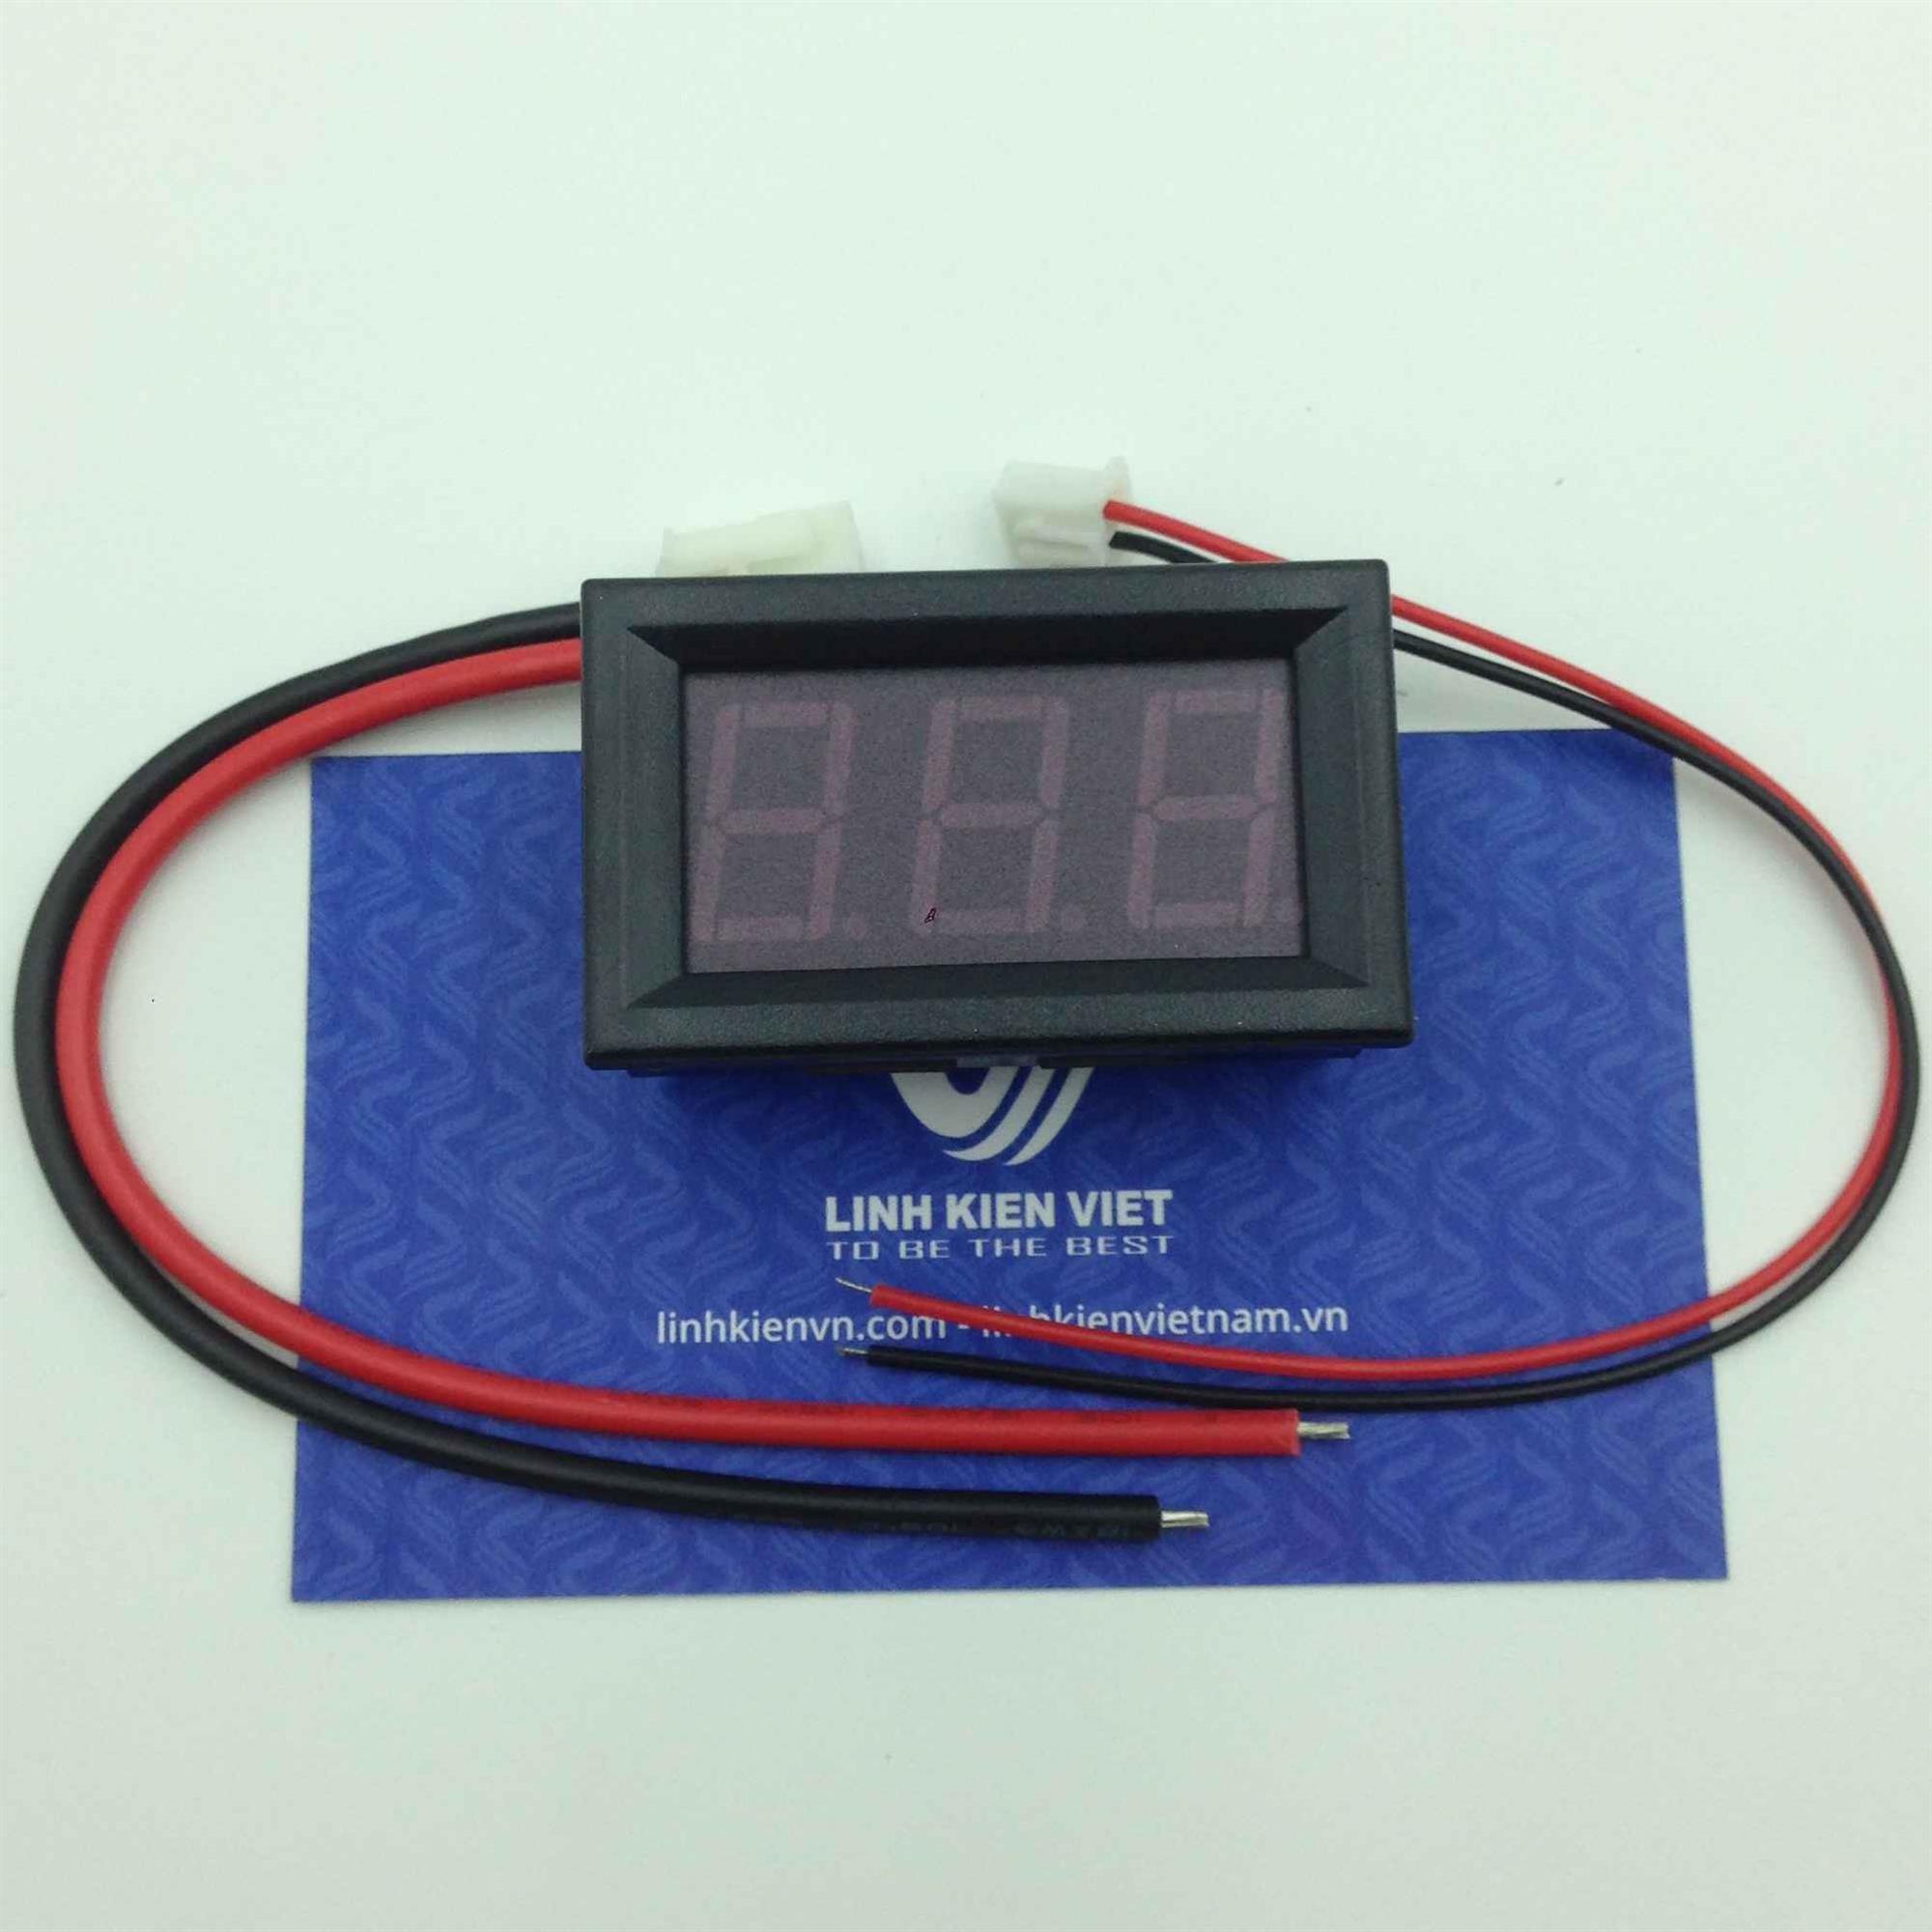 Module đo dòng điện / Đồng hồ đo dòng điện 10A - G4H17